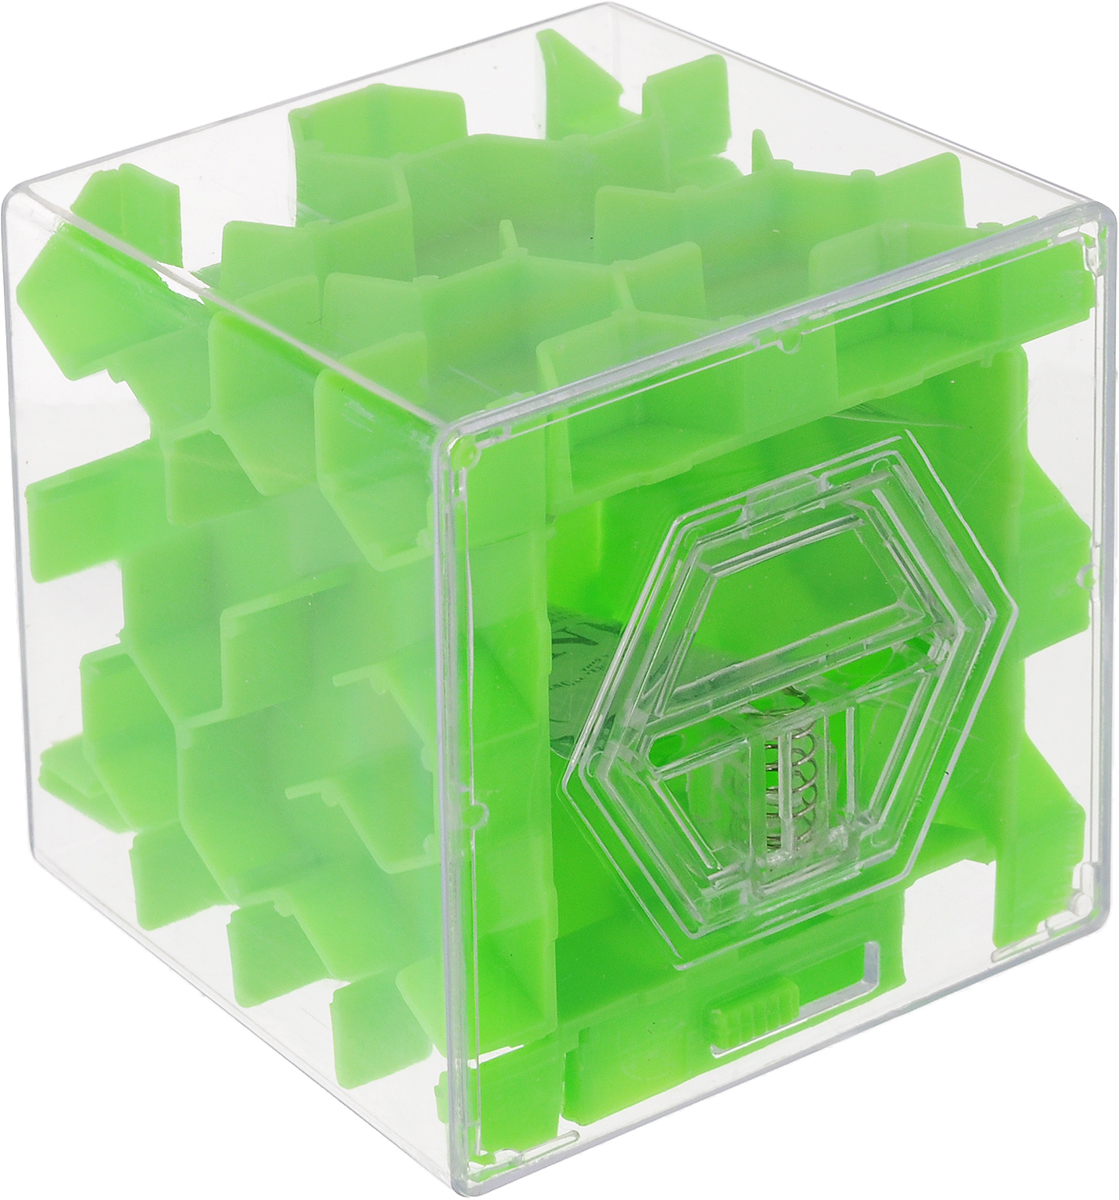 Копилка-головоломка Эврика Лабиринт, цвет: зеленый74-0120Копилка Лабиринт - это самая настоящая головоломка. Она изготовлена из высококачественного пластика. Чтобы достать накопленные денежки, необходимо провести шарик по запутанному пути.Копилка Лабиринт - оригинальный способ преподнести подарок. Положите купюру в копилку и смело вручайте имениннику. Вашему другу придется потрудиться, чтобы достать подаренную купюру. Копилка имеет отверстие, чтобы класть в неё деньги.Размер копилки: 6,5 х 6,5 х 6,5 см.